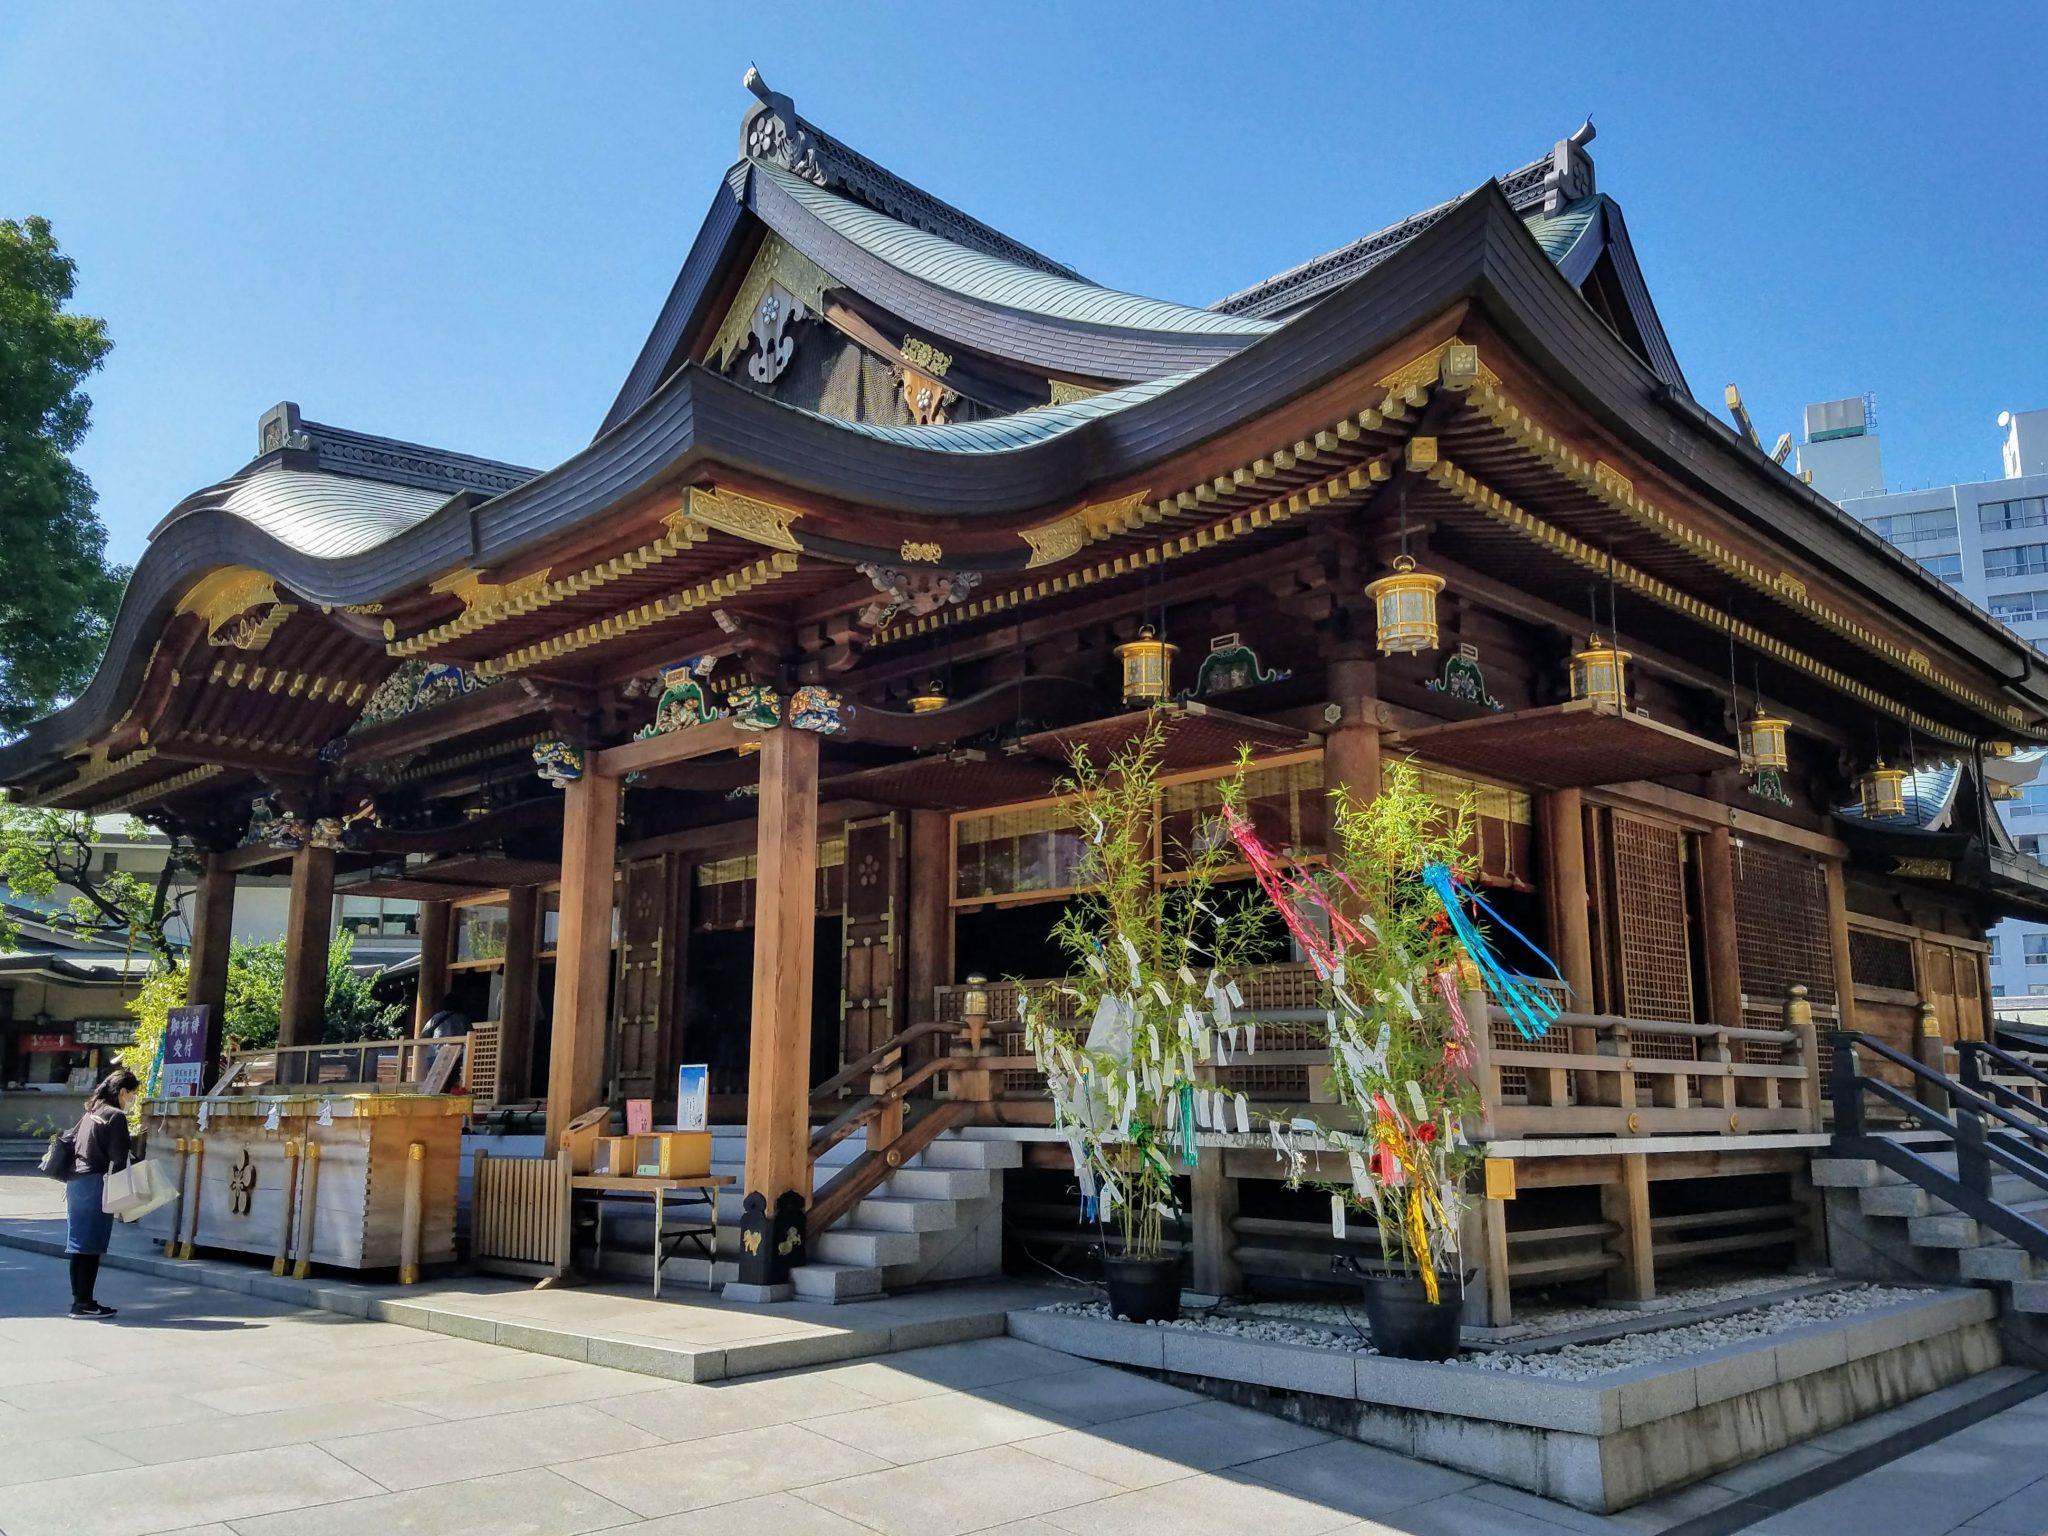 Yushima Tenjin Shrine in Tokyo during Tanabata